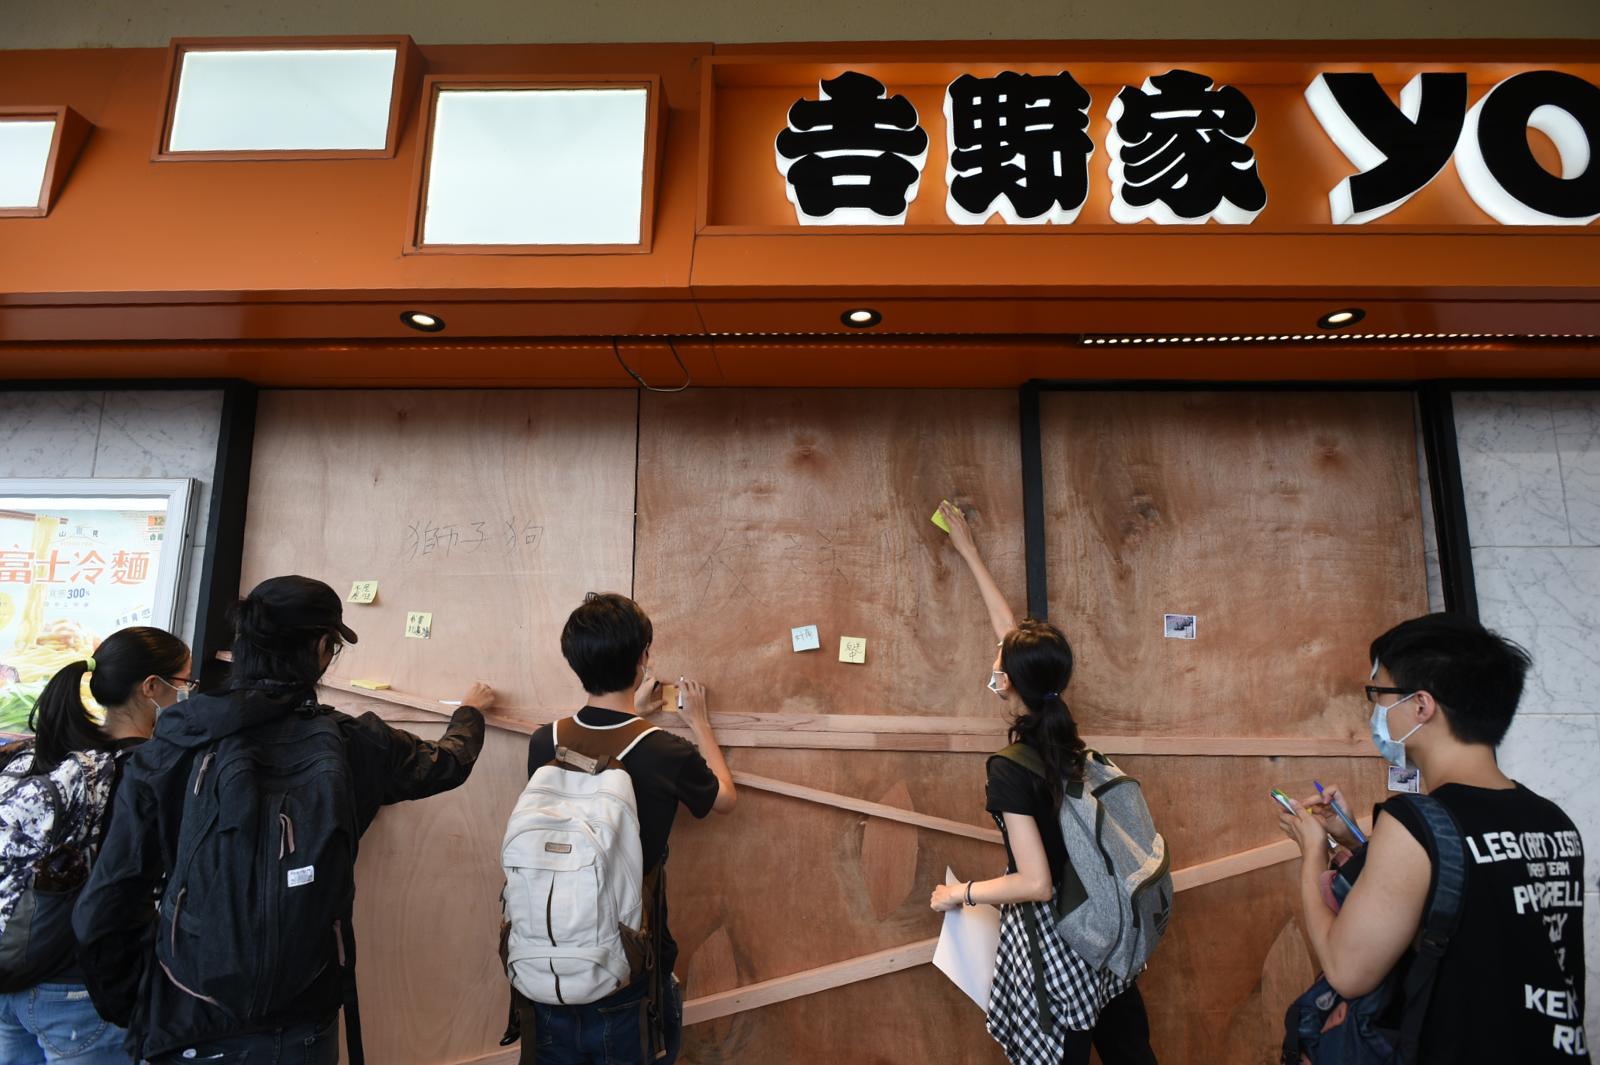 有示威者在木板張貼標語字句